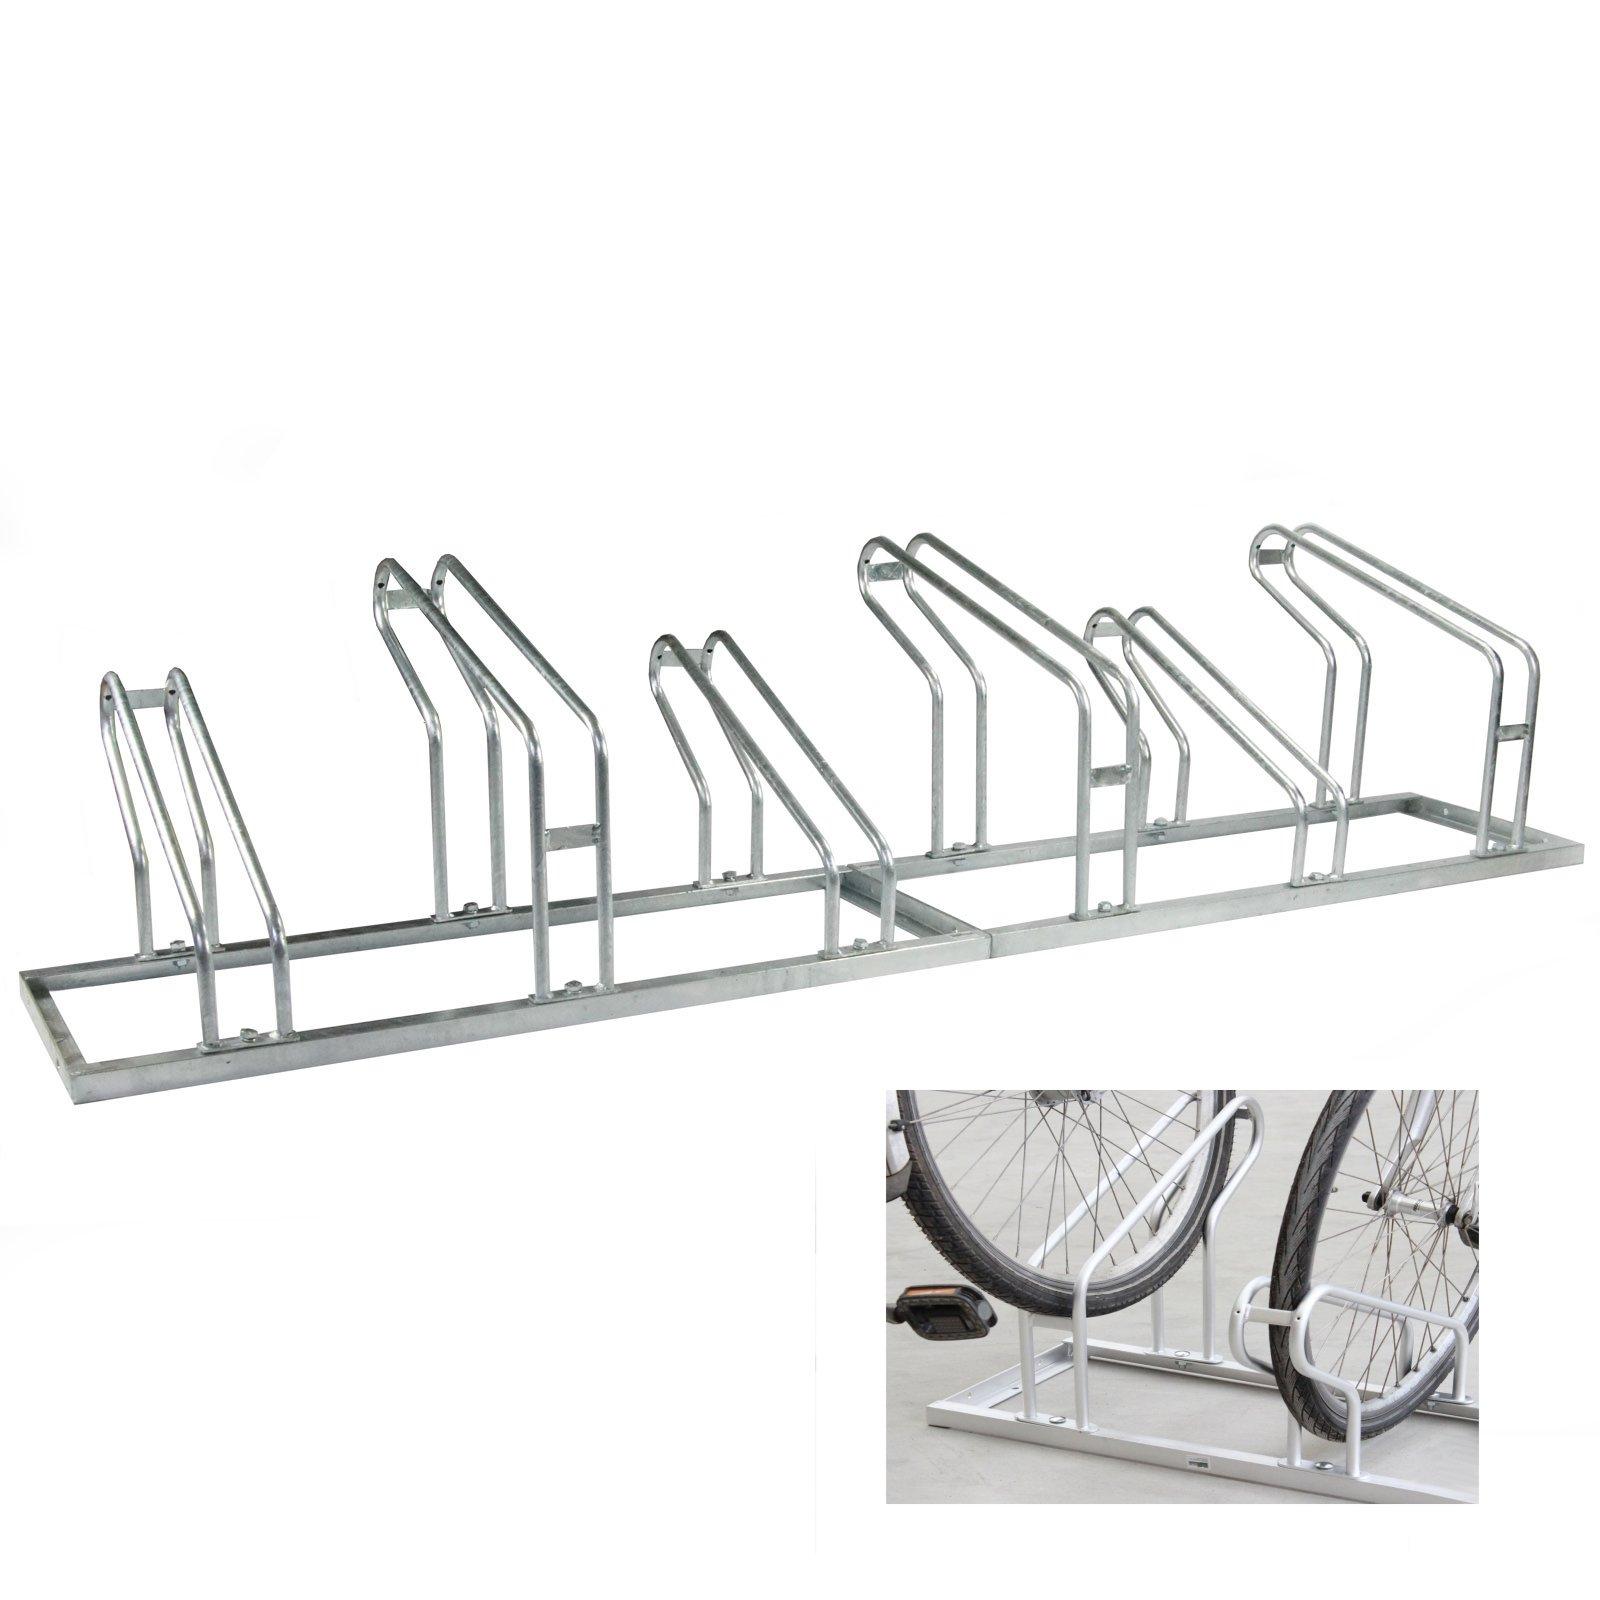 Fahrradständer 2x3=6 Fahrräder verzinkt Fahrrad Ständer ...